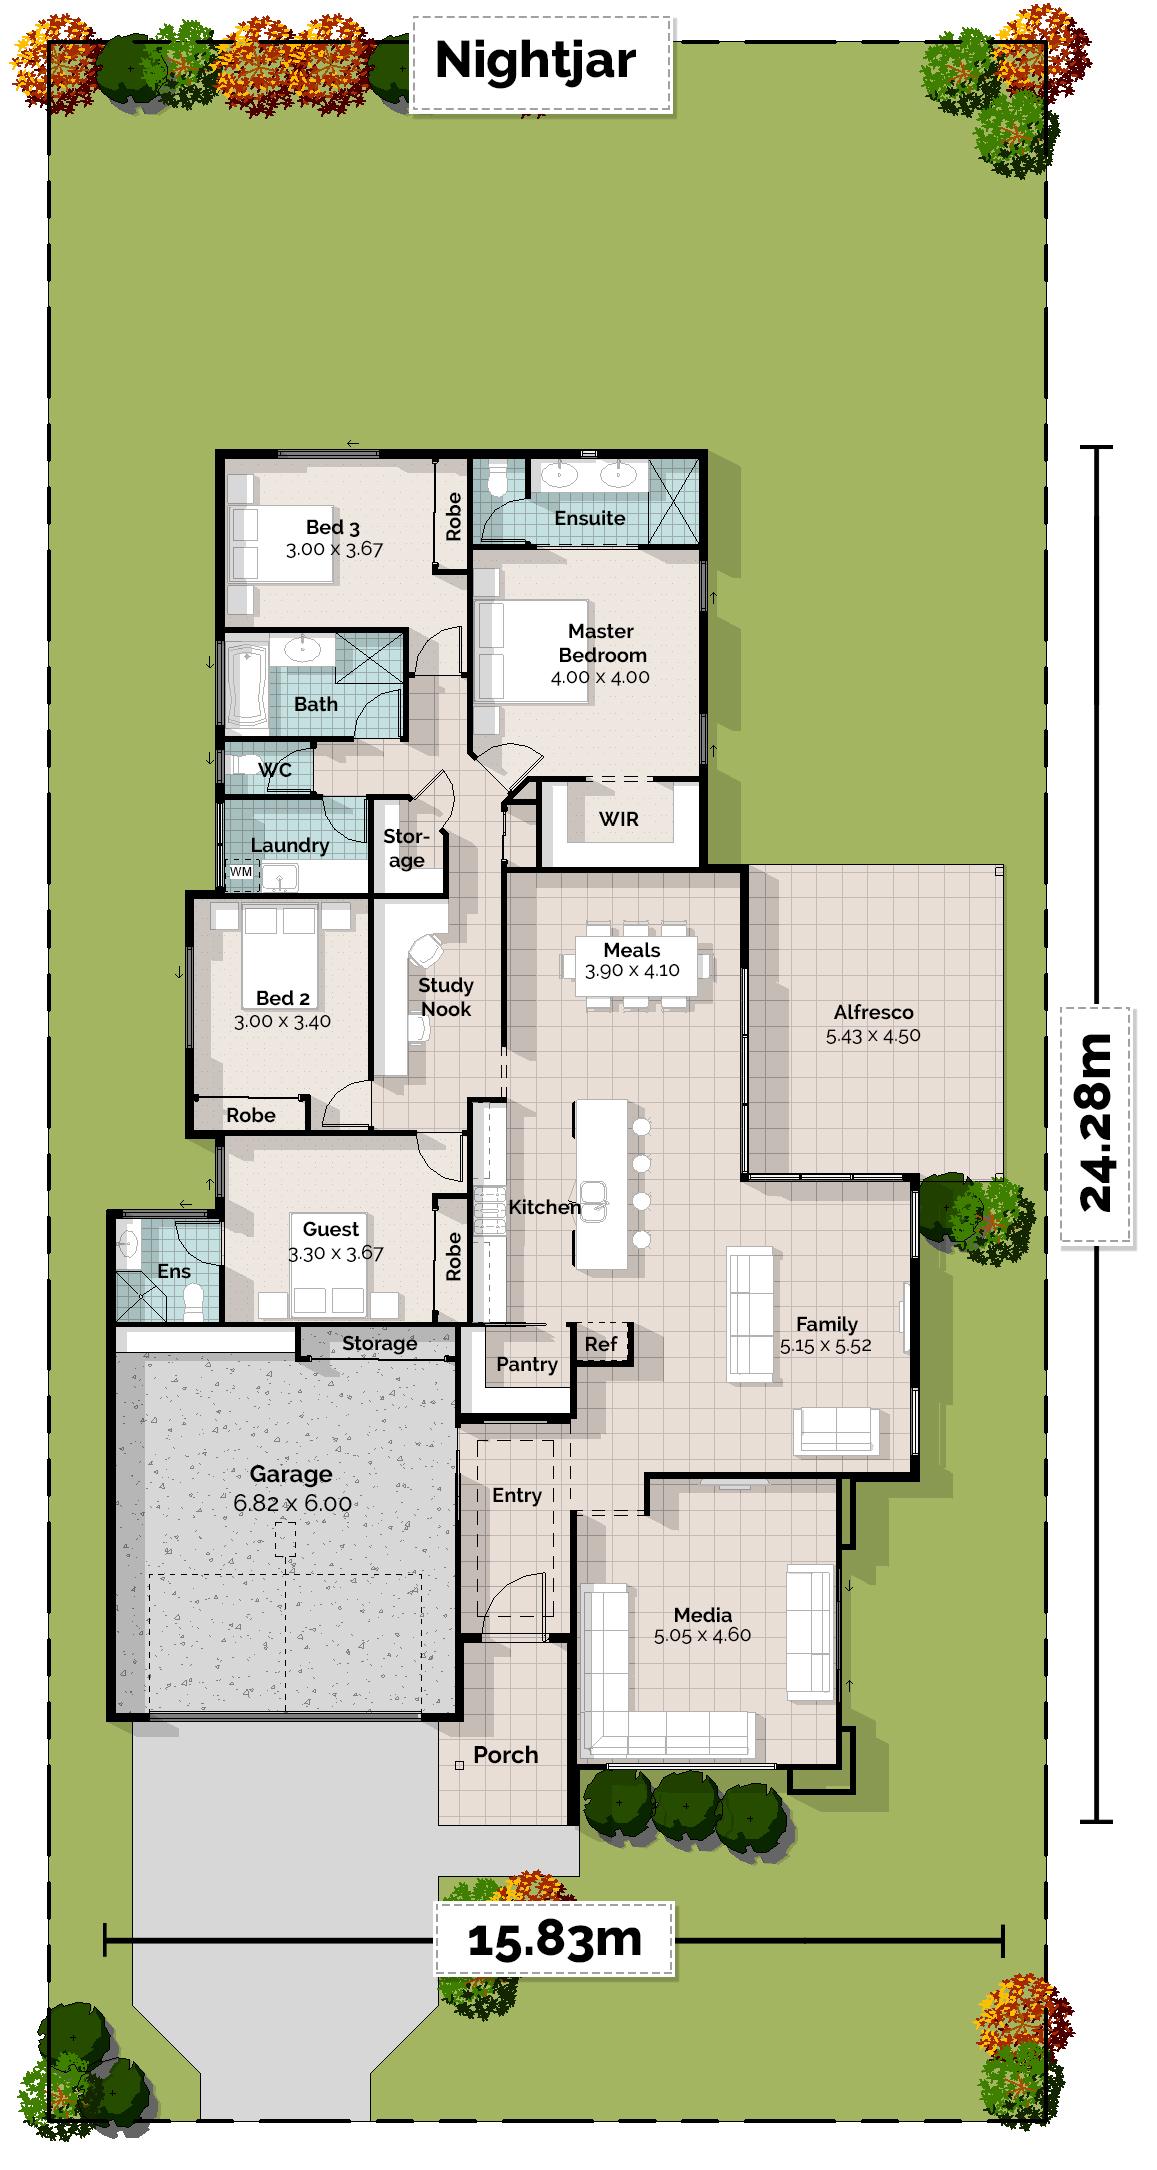 Nightjar Lowset House Plan